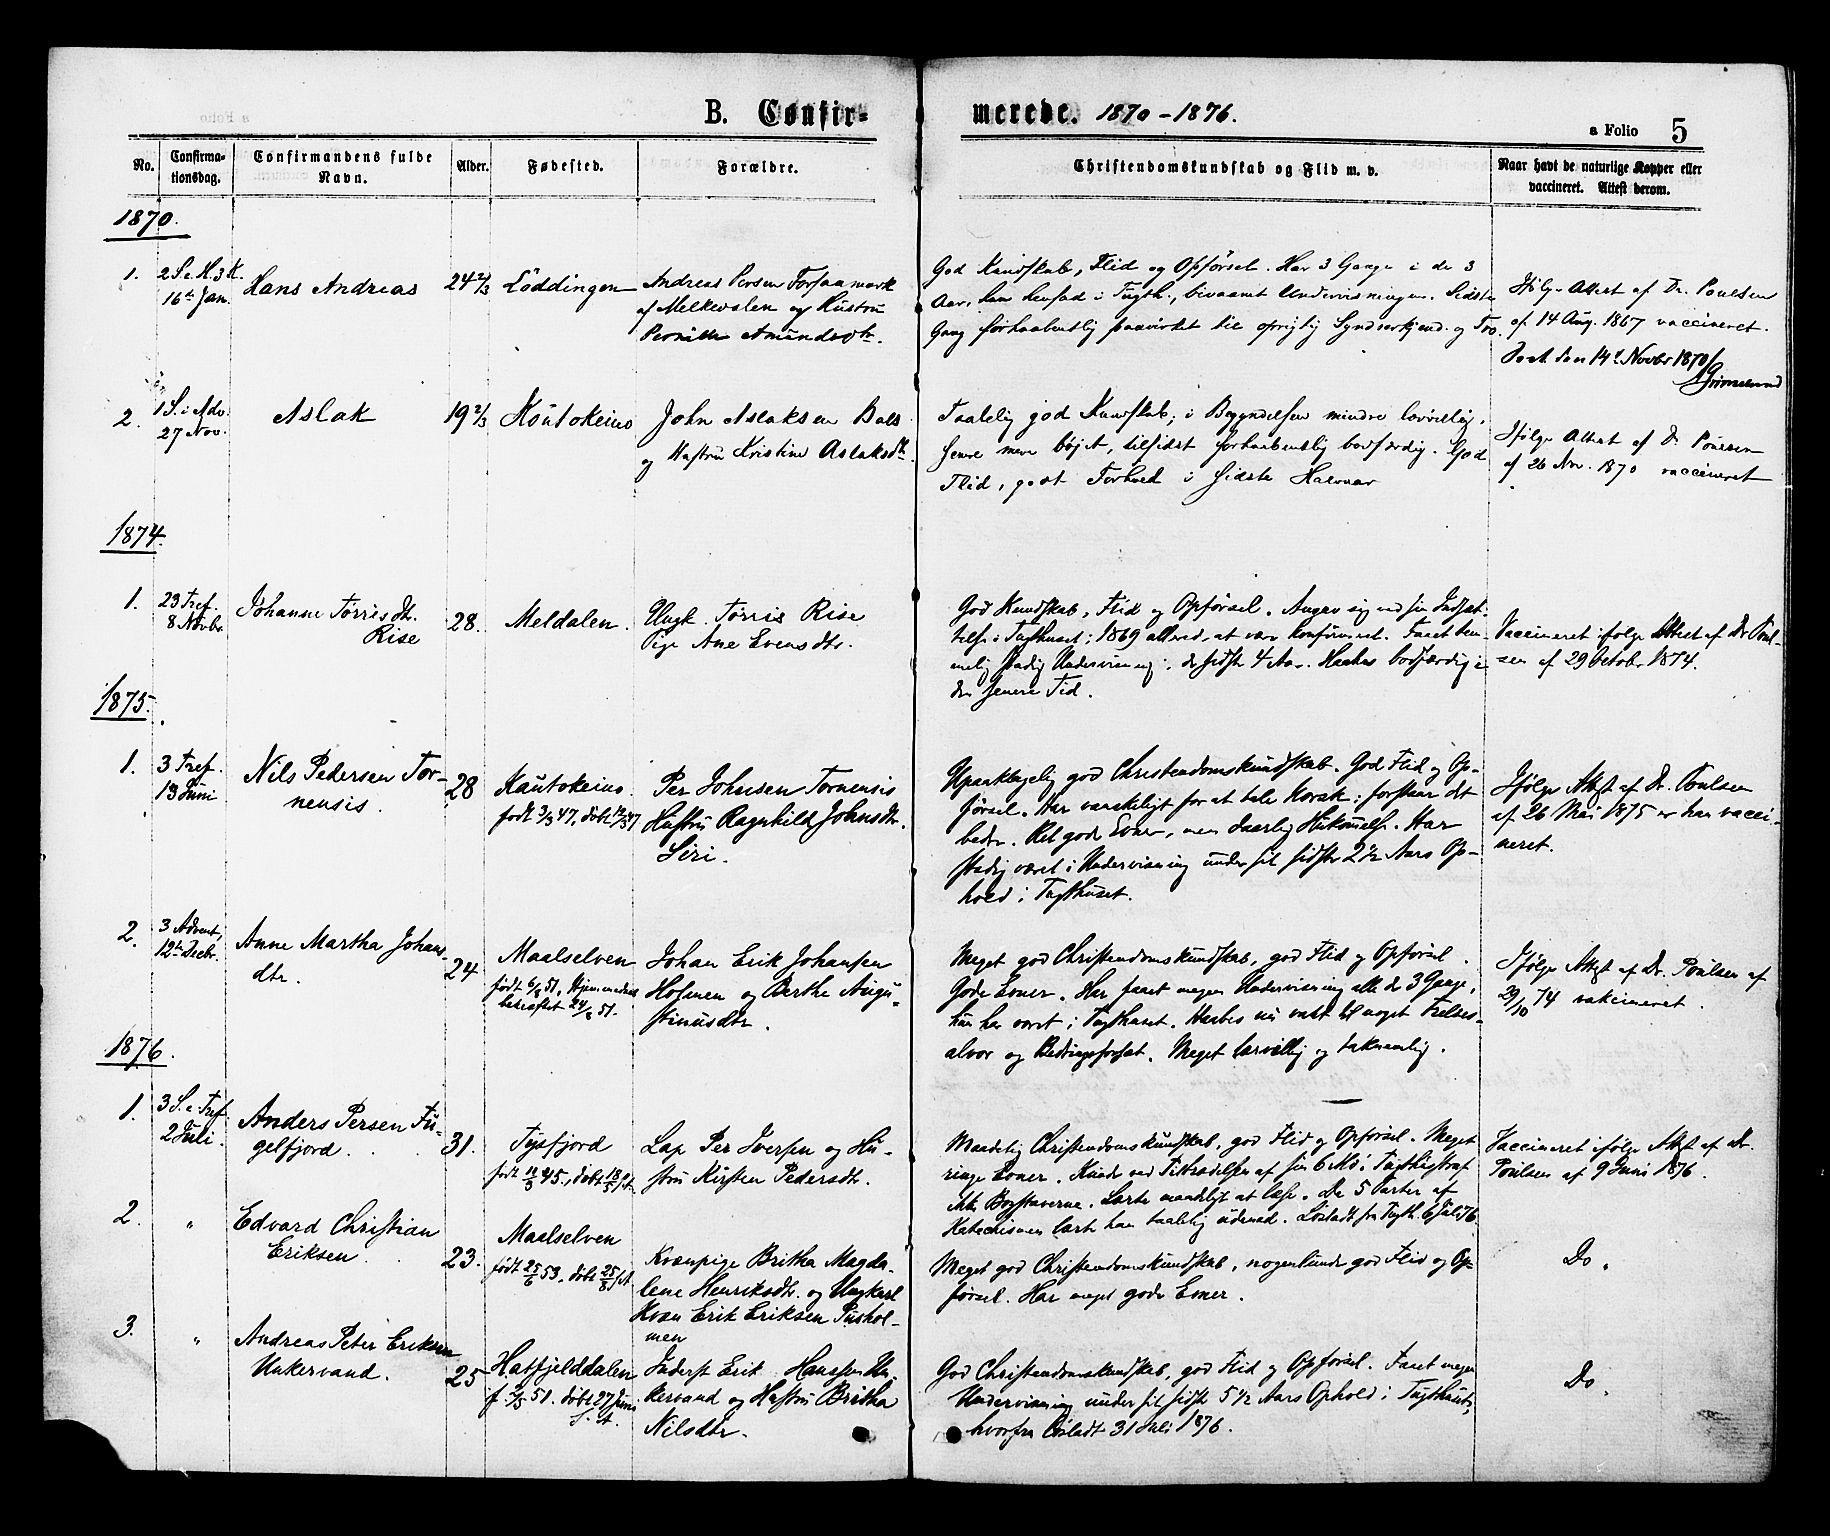 SAT, Ministerialprotokoller, klokkerbøker og fødselsregistre - Sør-Trøndelag, 624/L0482: Ministerialbok nr. 624A03, 1870-1918, s. 5